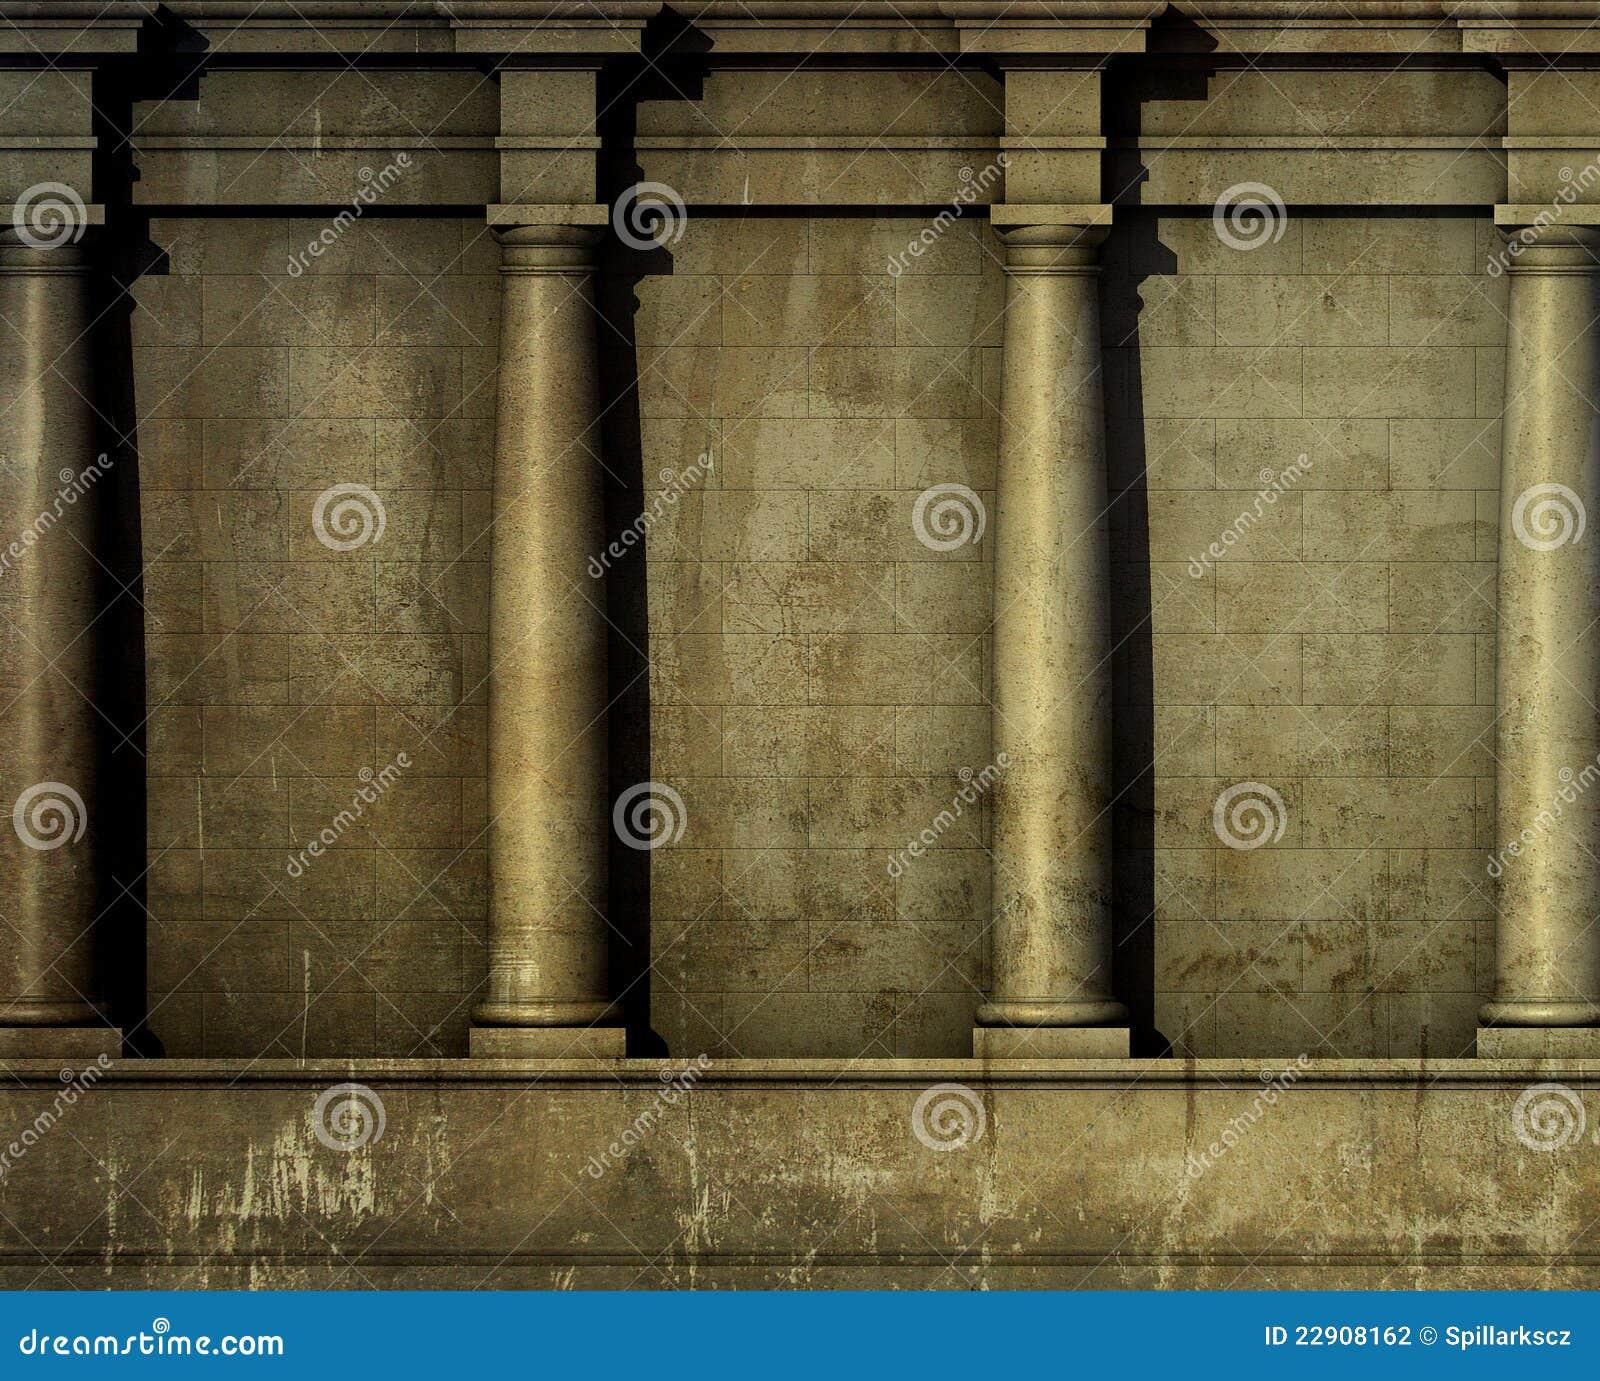 La parete romana greca di architettura classica 3d rende for Architettura classica